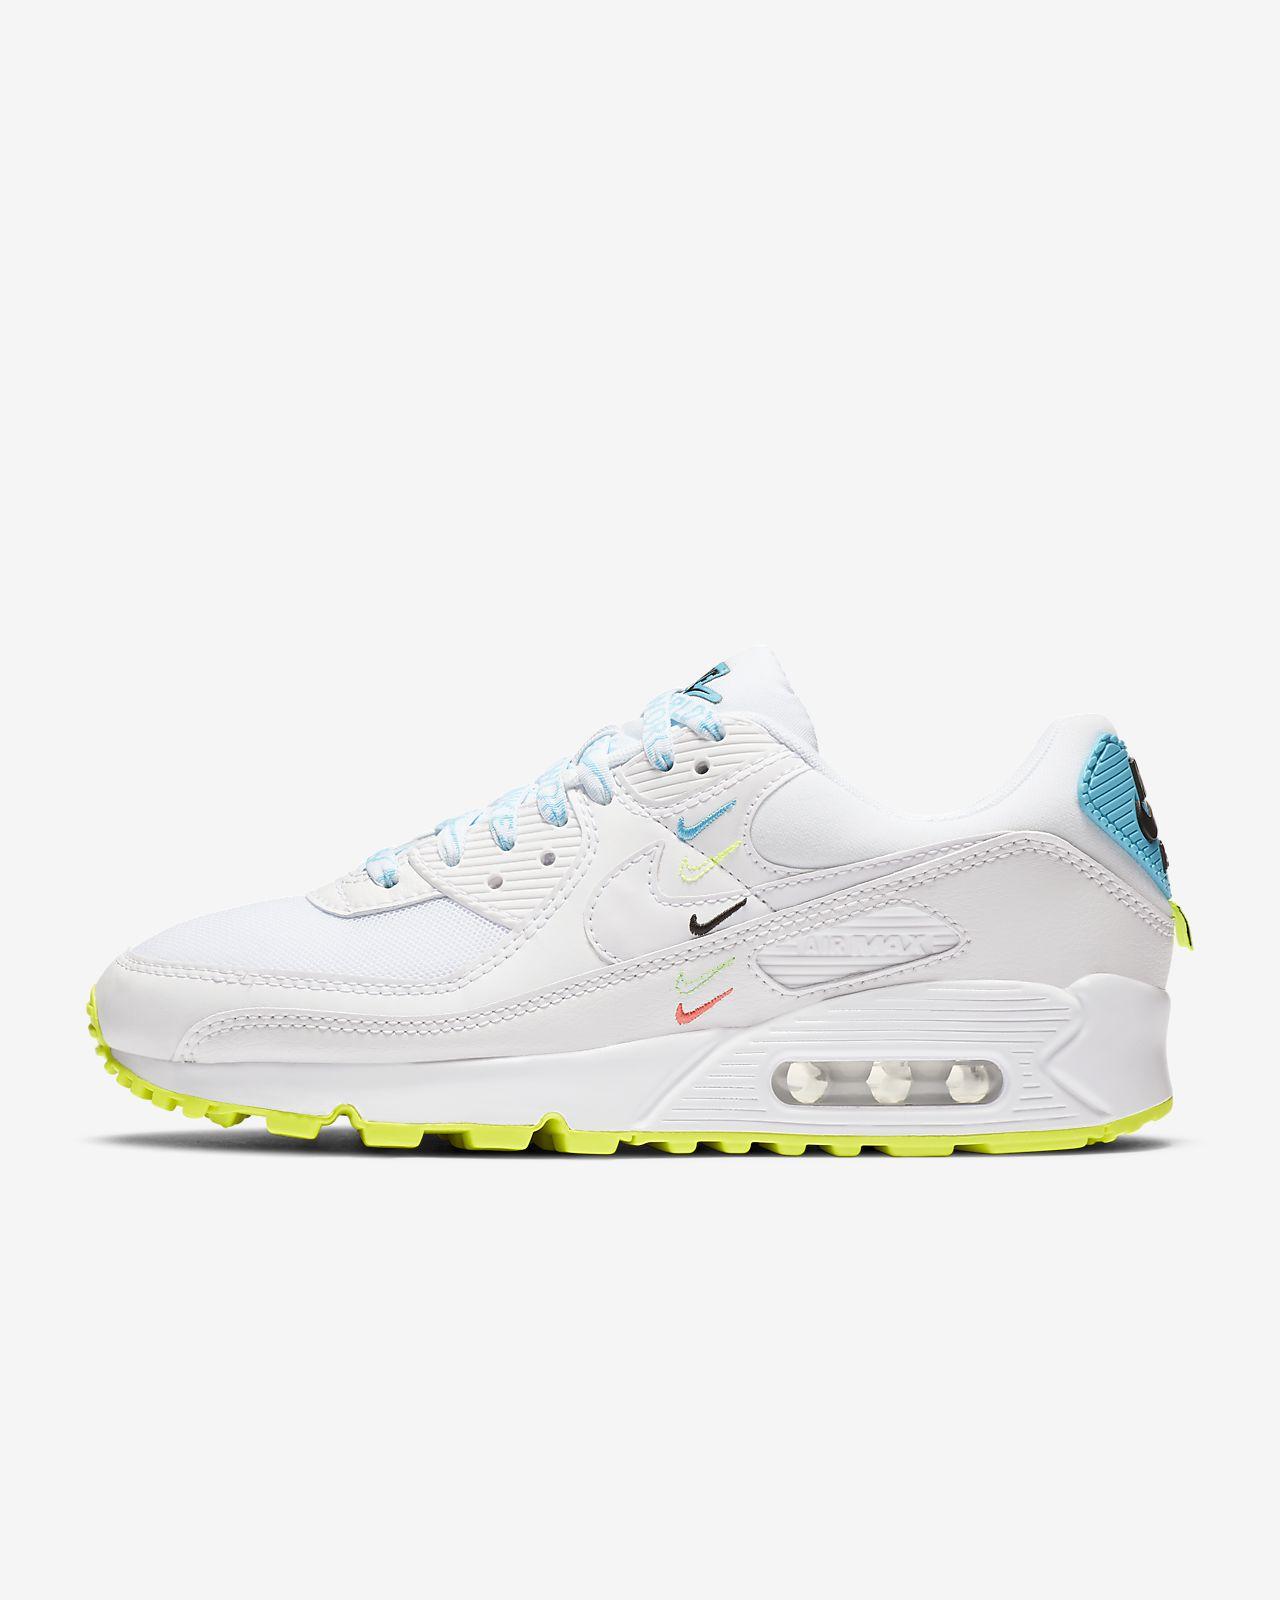 Sko Nike Air Max 90 SE för kvinnor